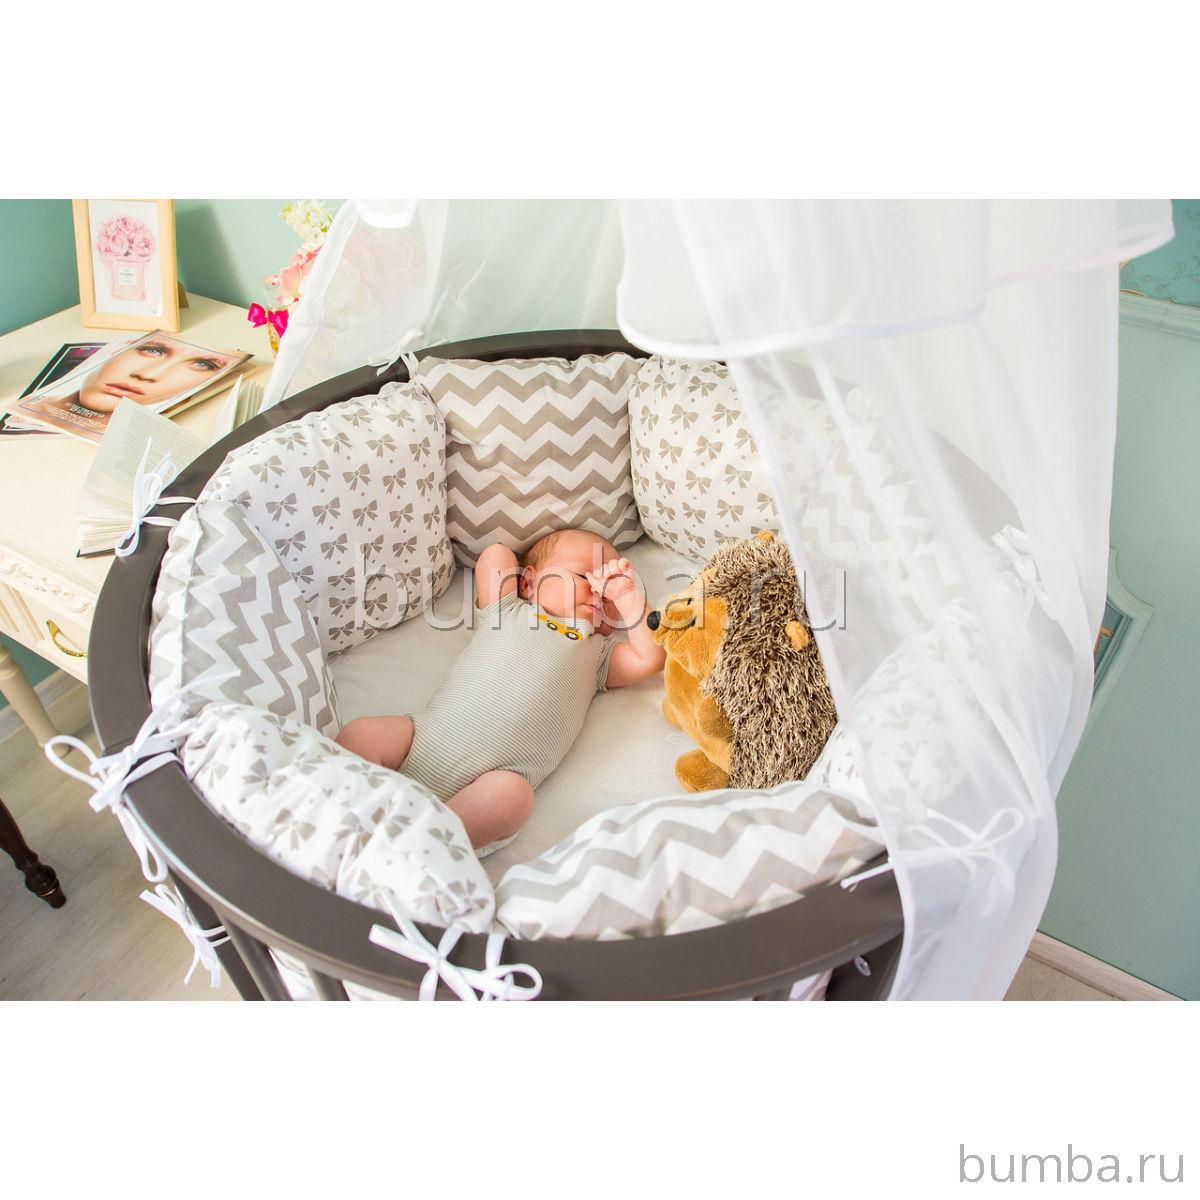 Критерии безопасности кроватки для новорожденного